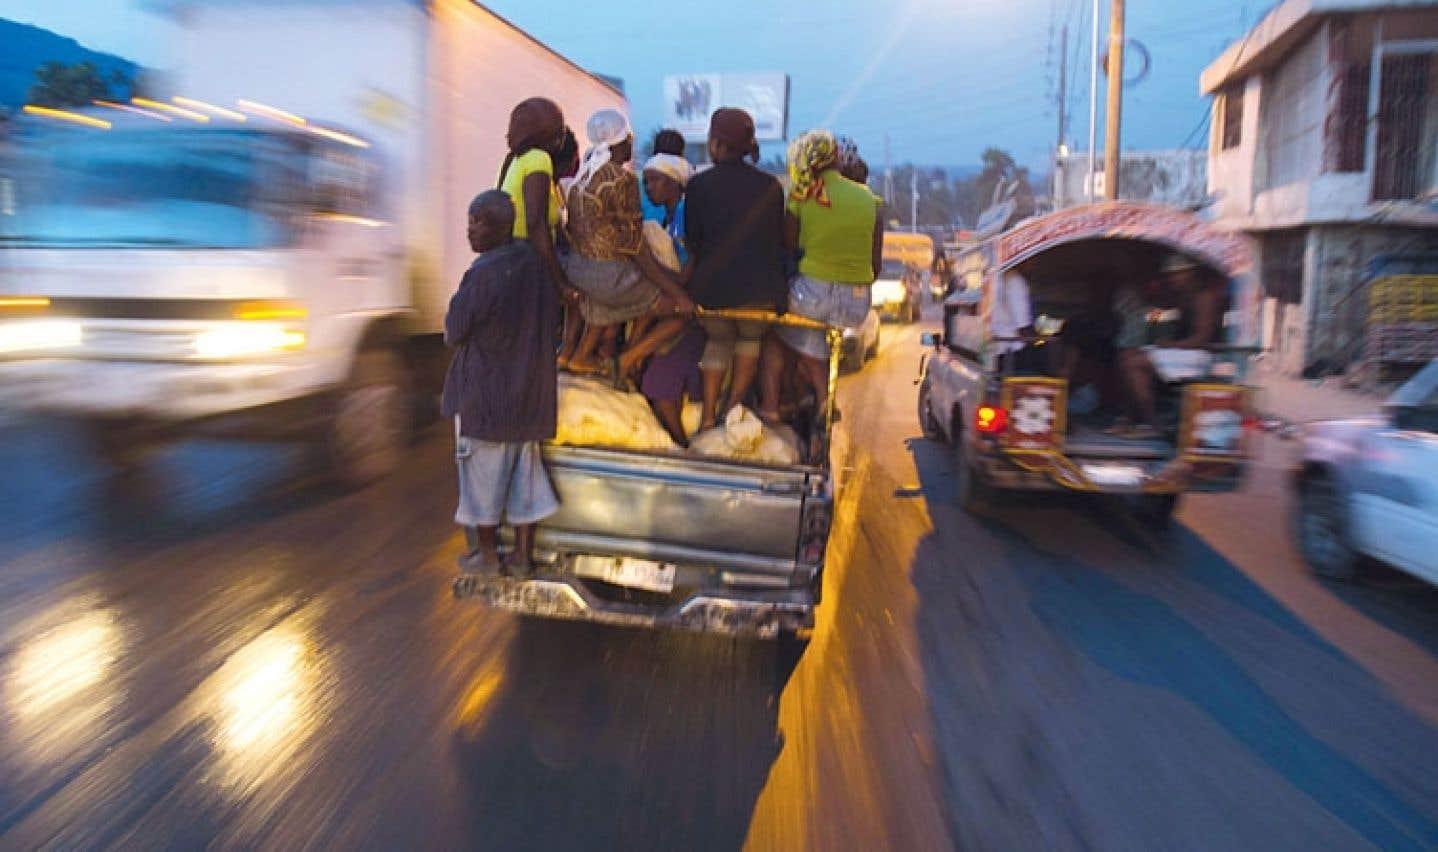 Aide canadienne à Haïti - Des voix s'élèvent contre le gel des fonds annoncé par Ottawa